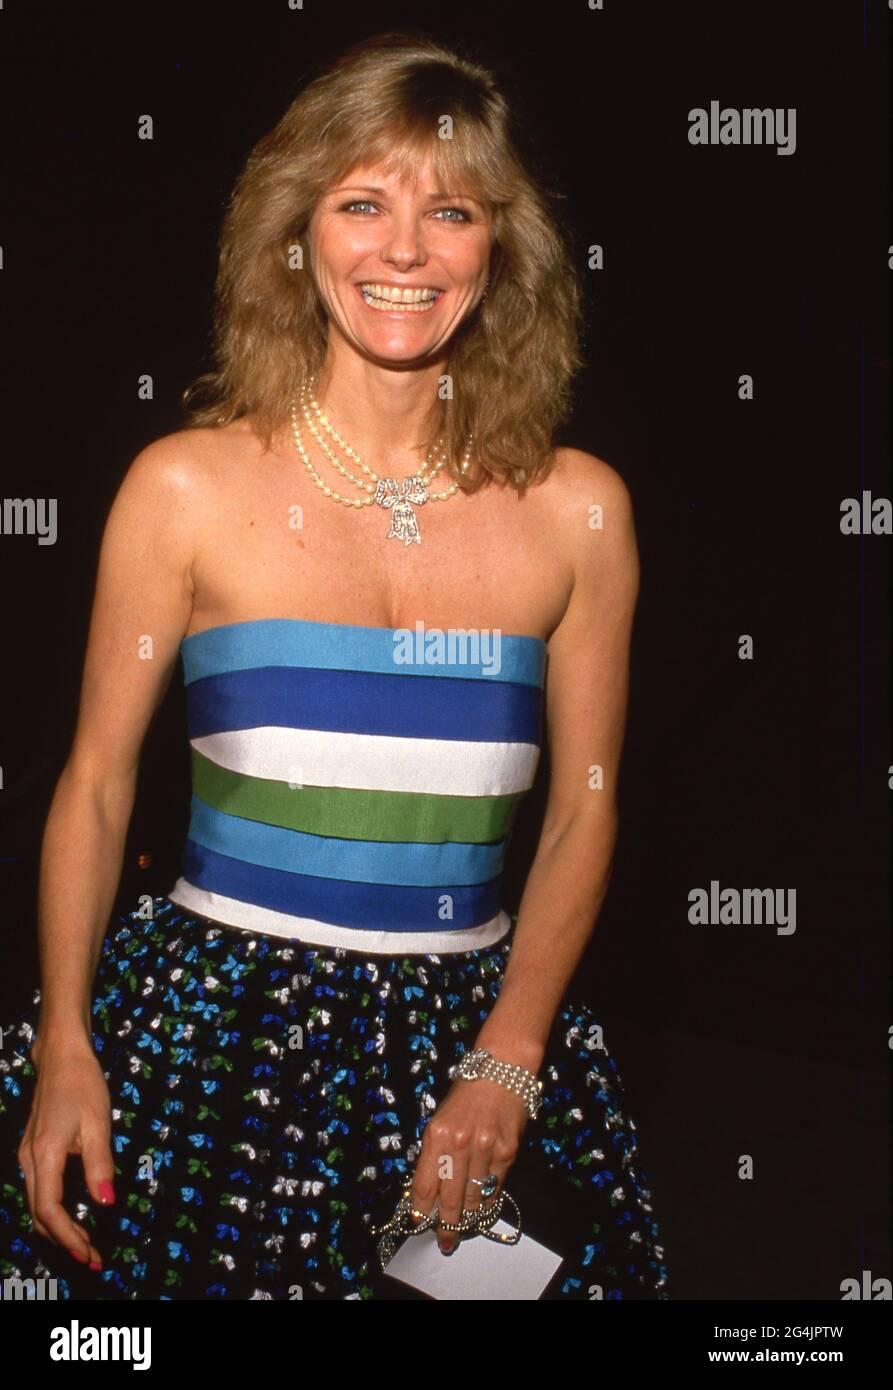 Cheryl Tiegs au Giorgio Armani présente sa collection printemps/été au Musée d'art contemporain de Los Angeles, Californie le 27 janvier 1988 crédit: Ralph Dominguez/MediaPunch Banque D'Images